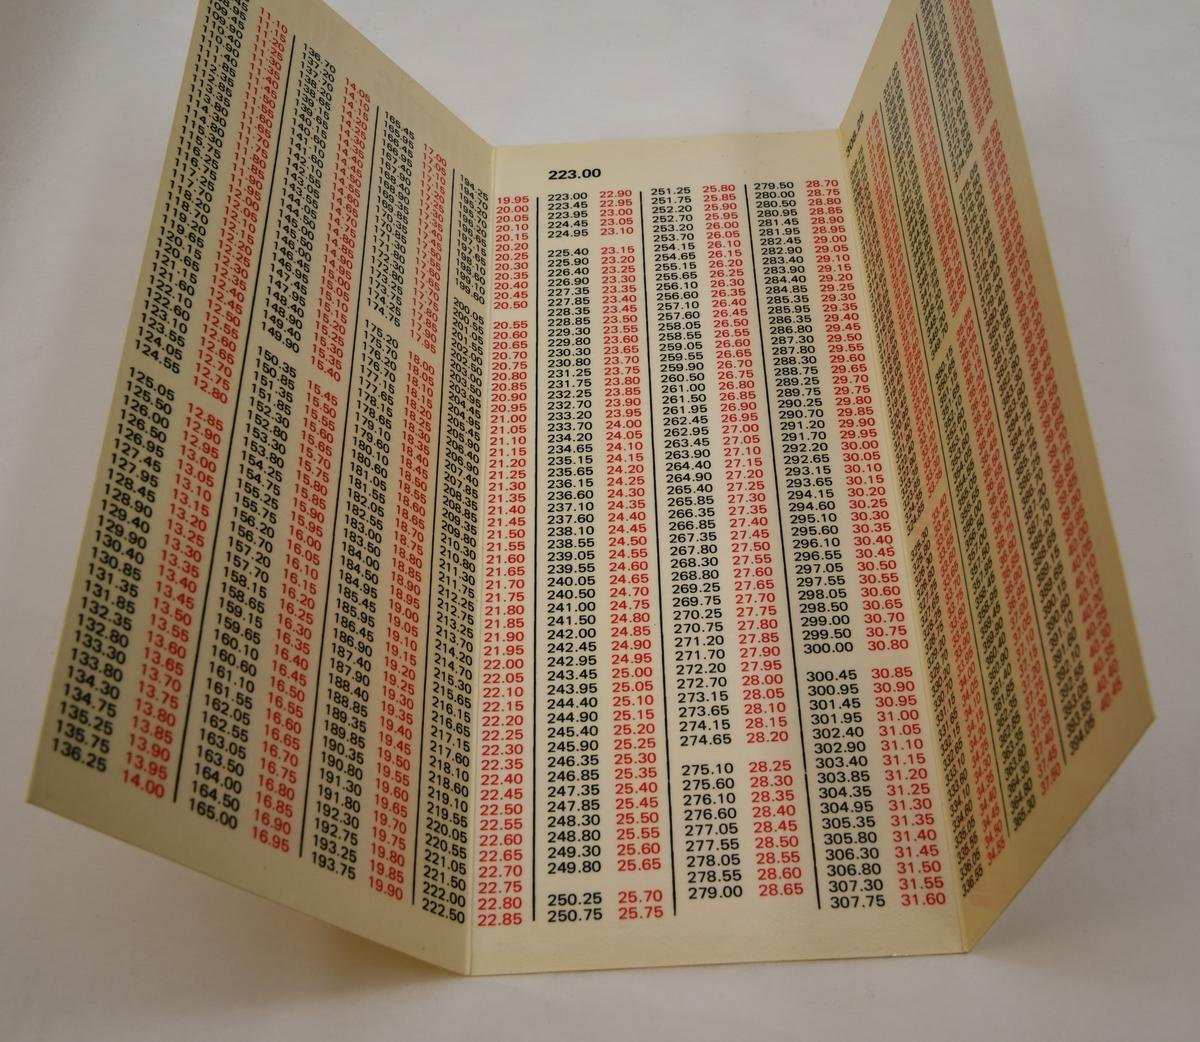 Tabell i form av blankett av bestruket papper, innehållande text och siffror på papperets båda sidor. Tabellen anger moms samt serveringsavgift och har tre utvikbara sidor. Priset anges med svarta siffror och momsen med röda i form av tabeller. Varje tabells början märks med sidans minsta belopp i större siffror på sidornas övre del. Prisen och momsen anges i jämna 5-tal ören.